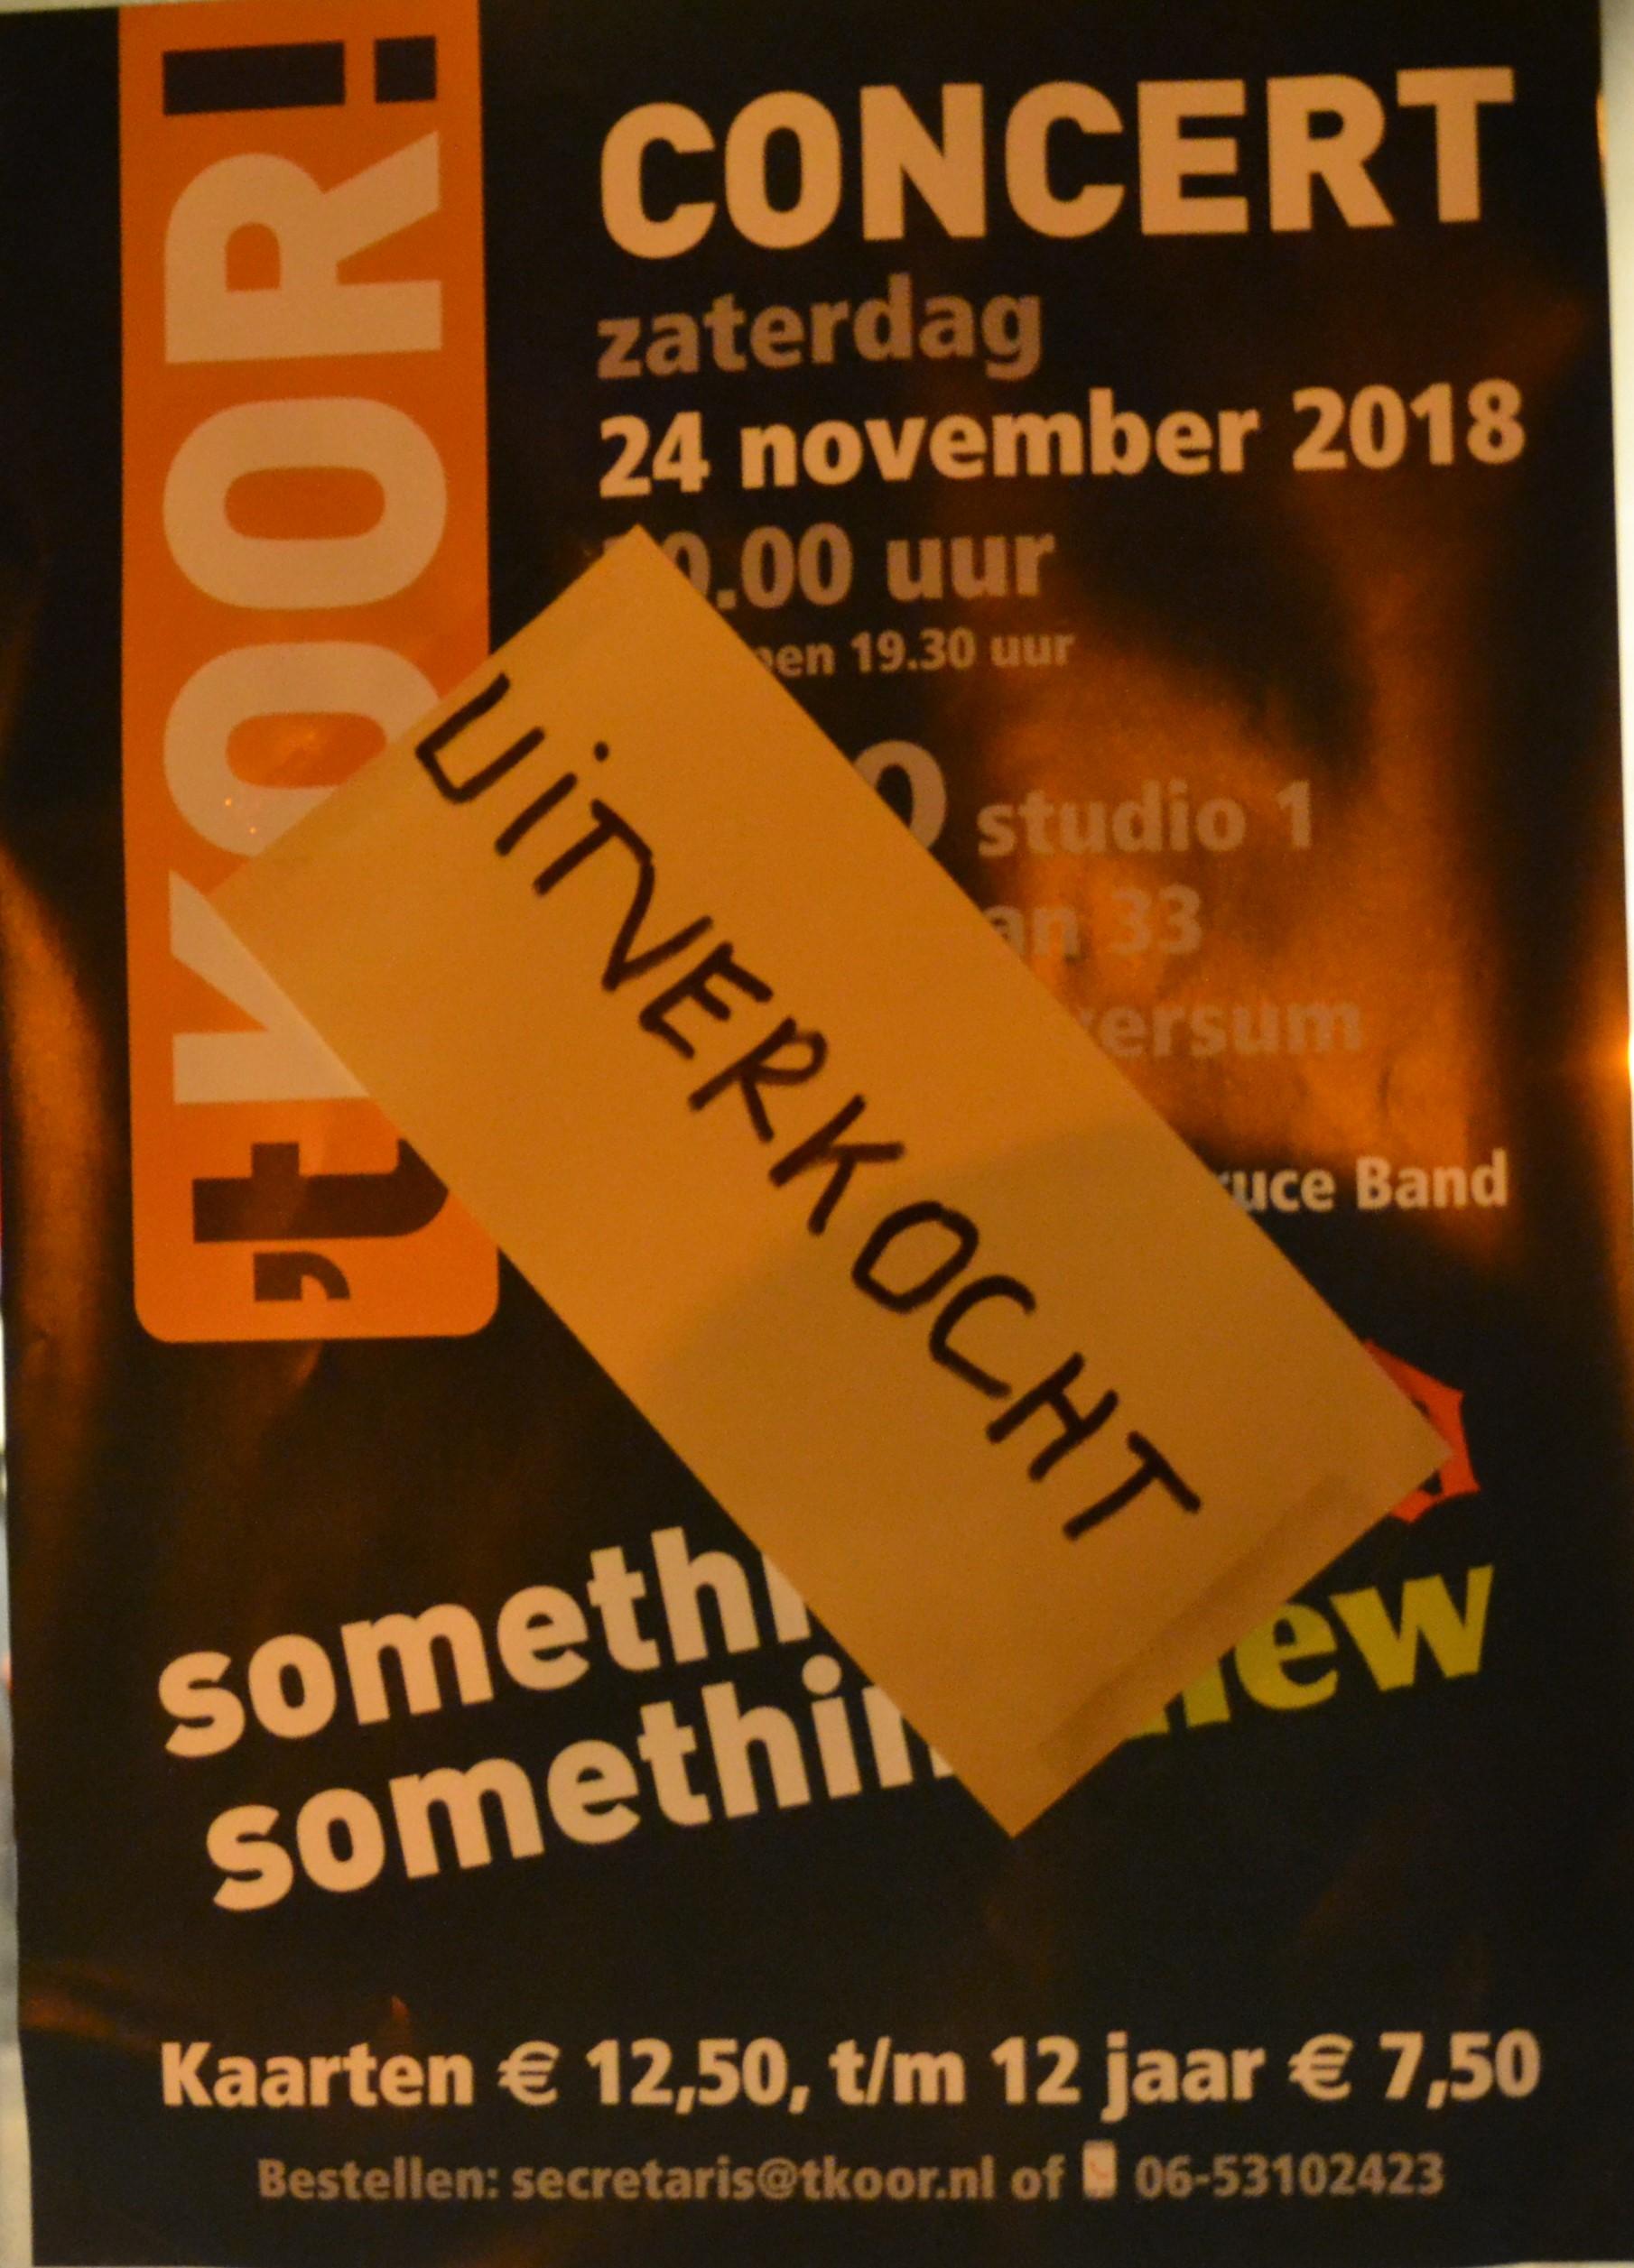 Concert 24 november 2018 in het MCO